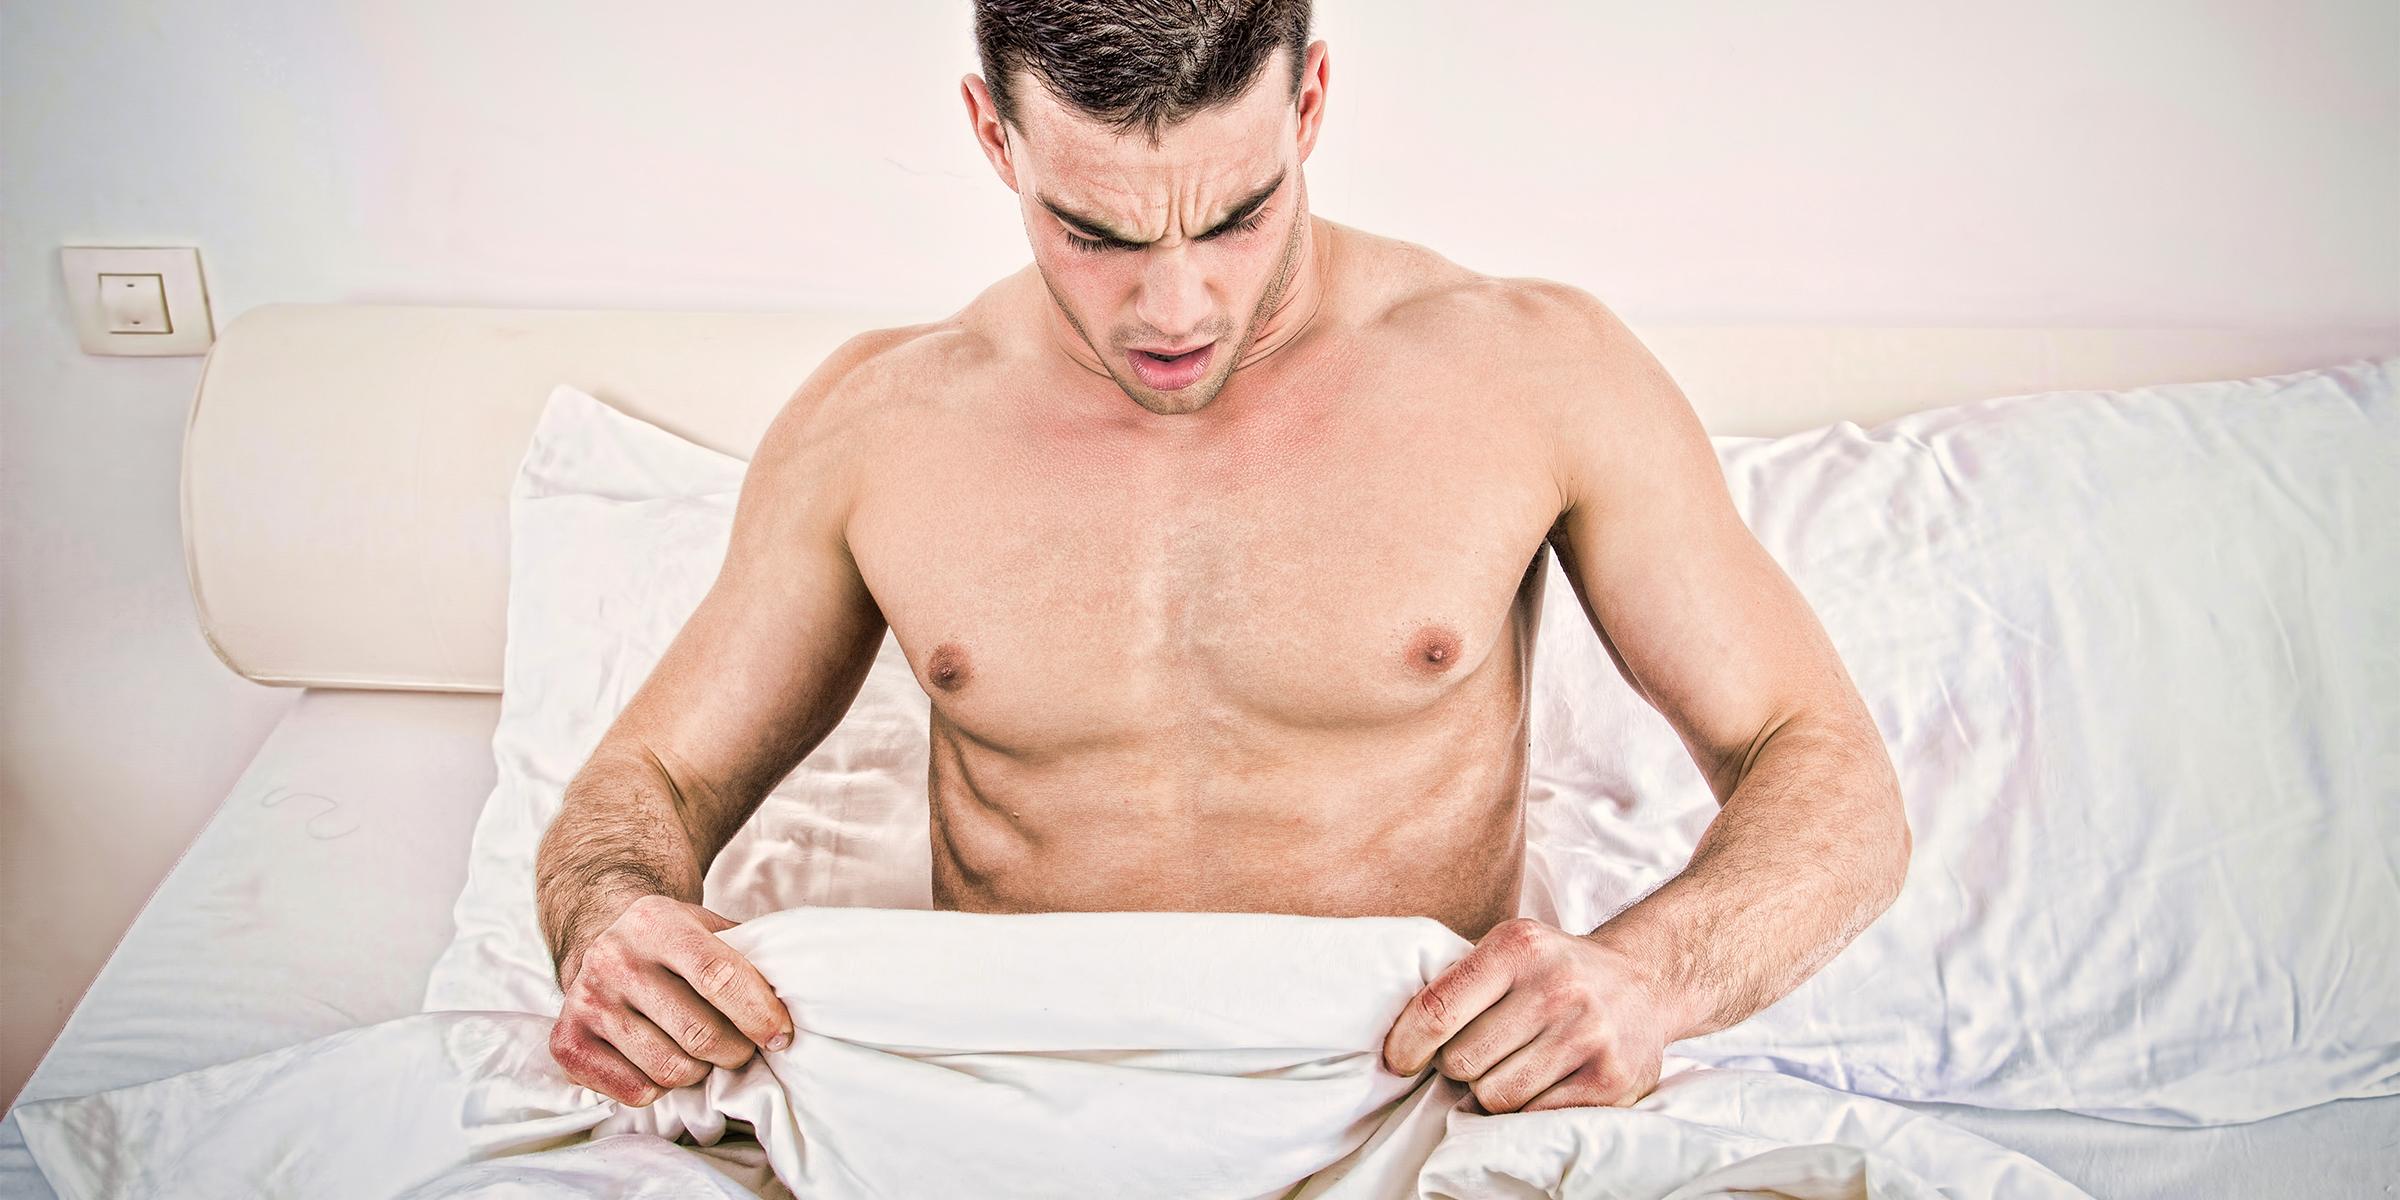 eszközök az erekció fokozására miért merevedik az ember álmában